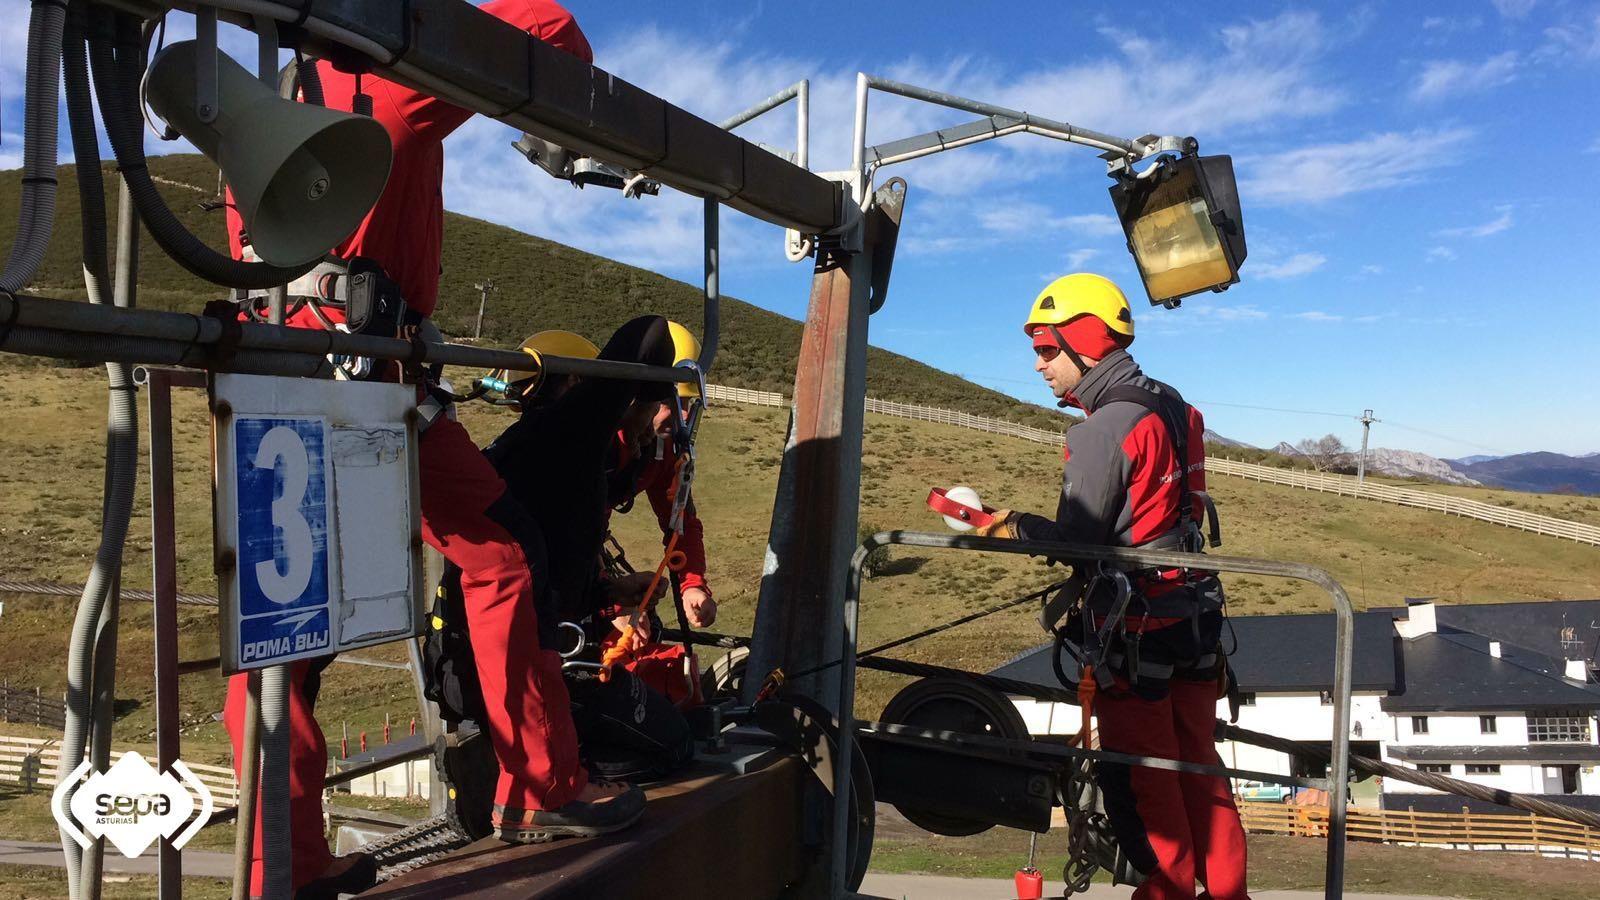 Ejercicio de rescate de telesilla en Valgrande Pajares